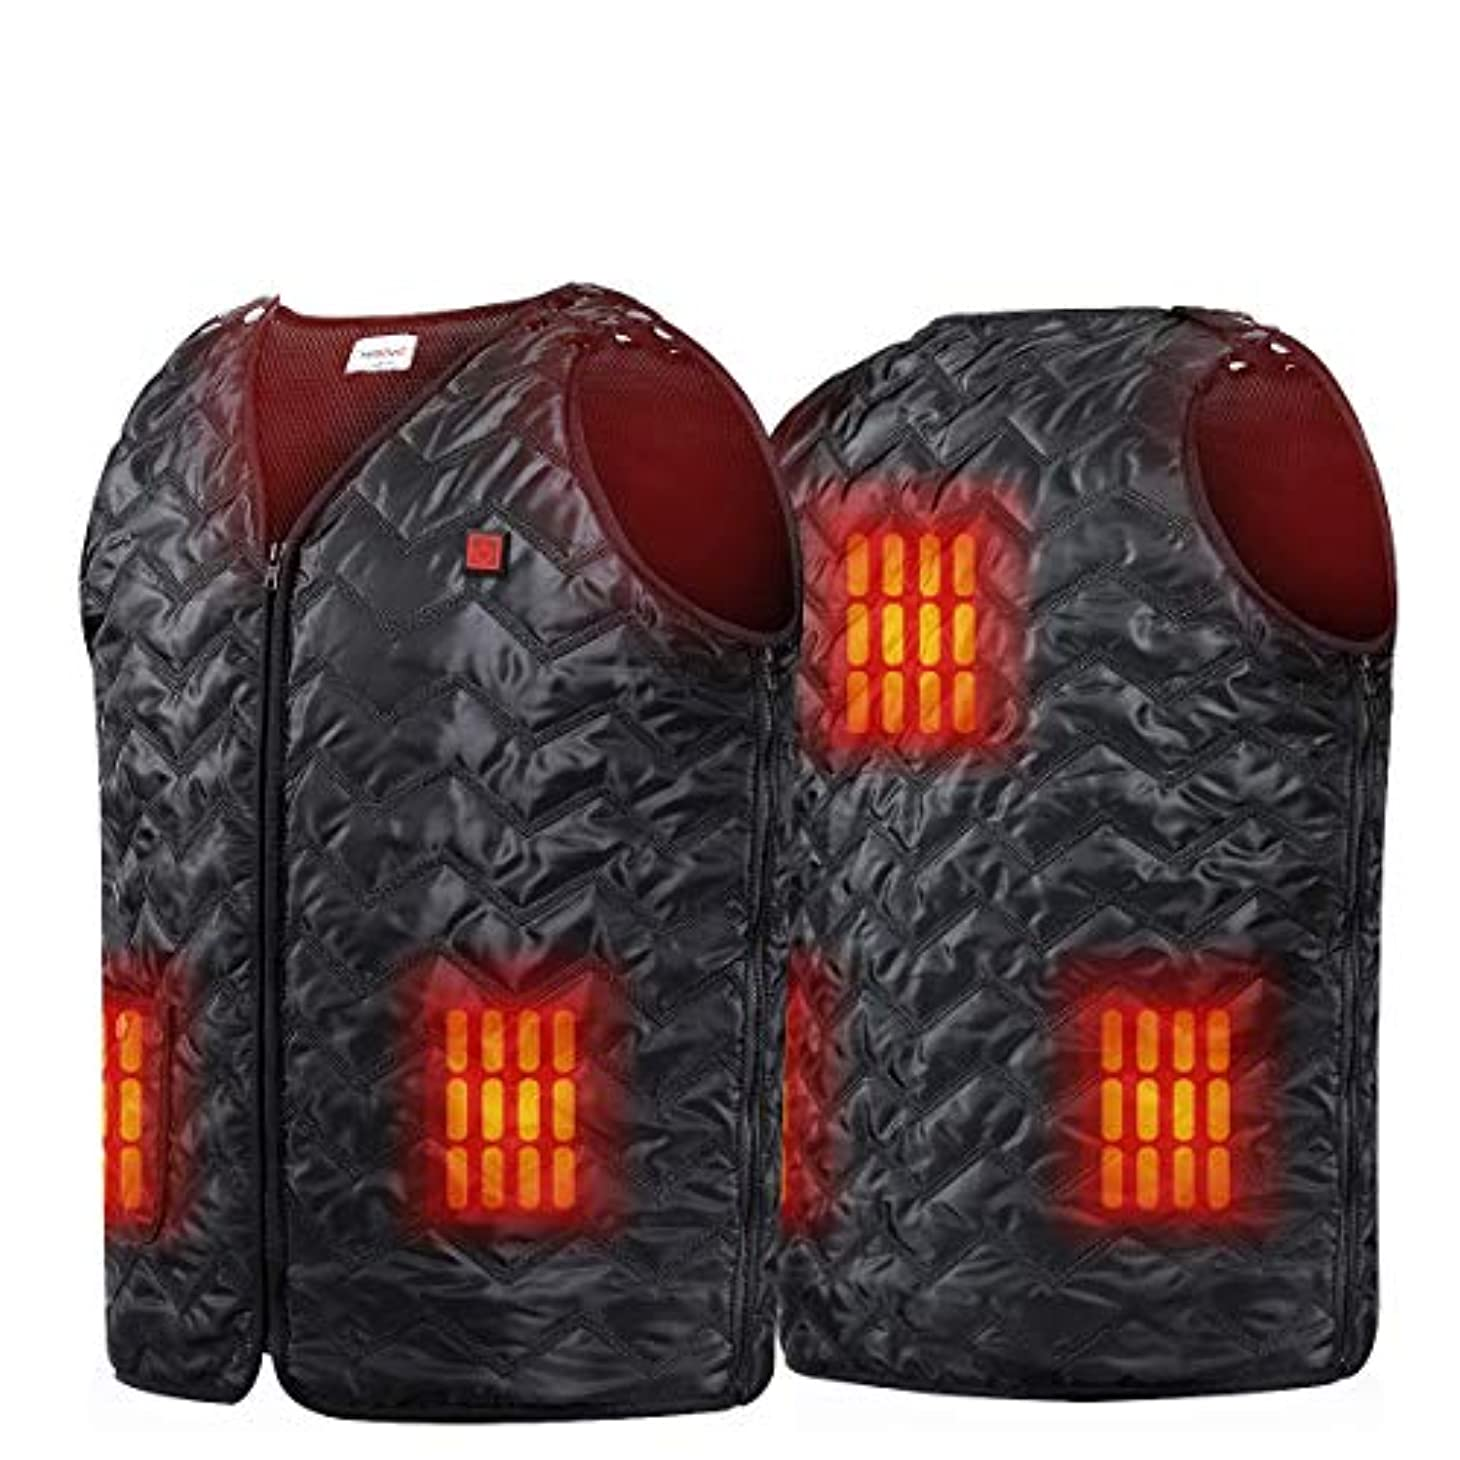 部門弱める摂氏度Niubalac 温水ベスト バイク用 ハイキング 狩猟 釣り スキー用 5パネル加熱服サイズ調節可能なウォッシャブル軽量鎮痛剤を充電USB アウトドアアクティビティは男性女性ユニセックス 適合します Lサイズ ブラック